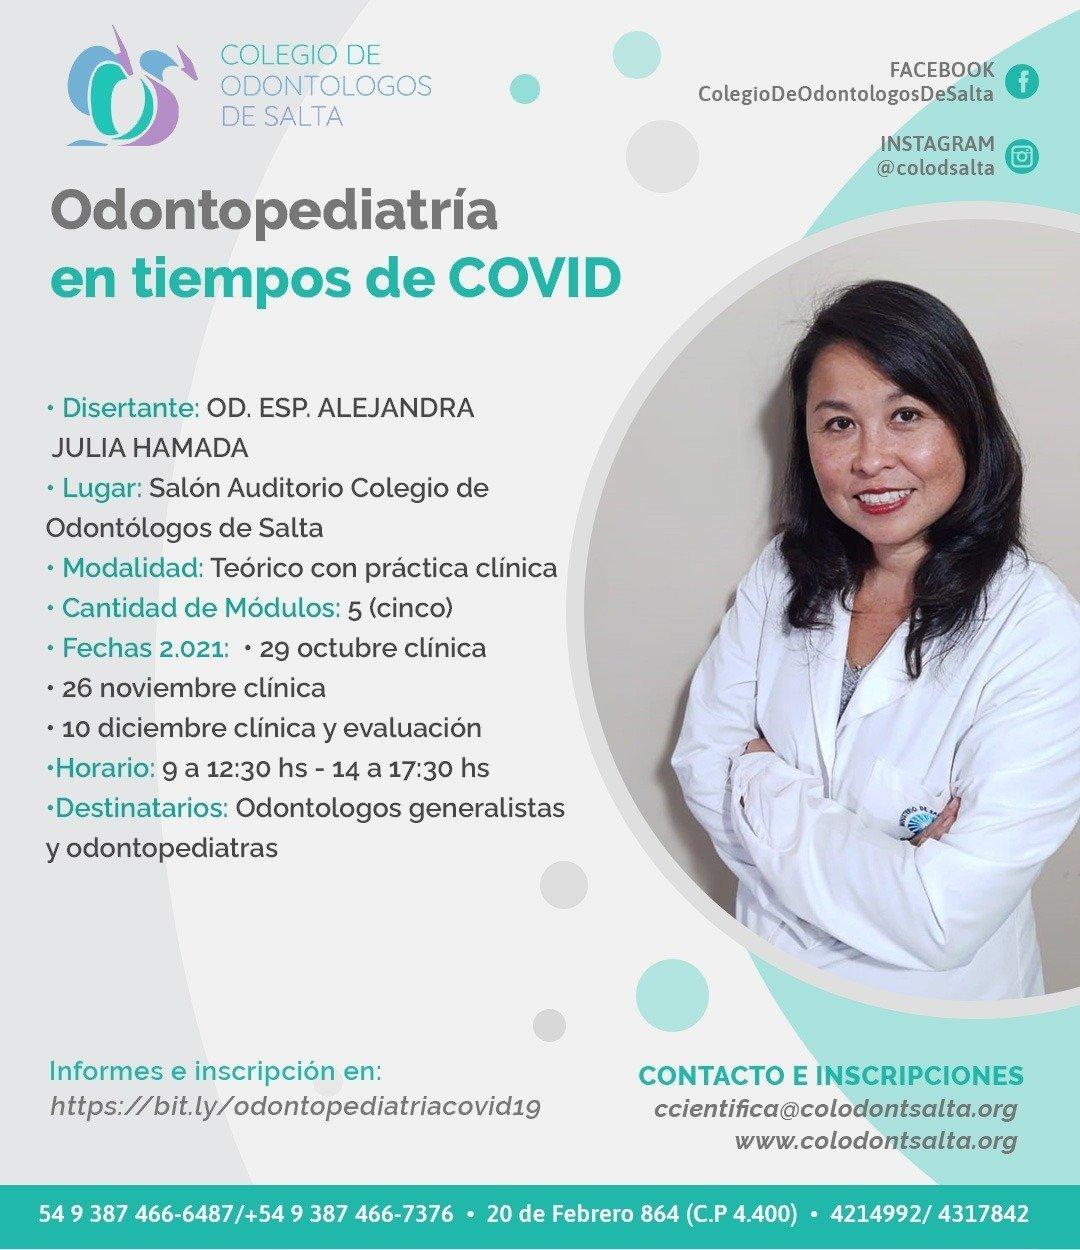 Odontopediatría en tiempos de COVID-19